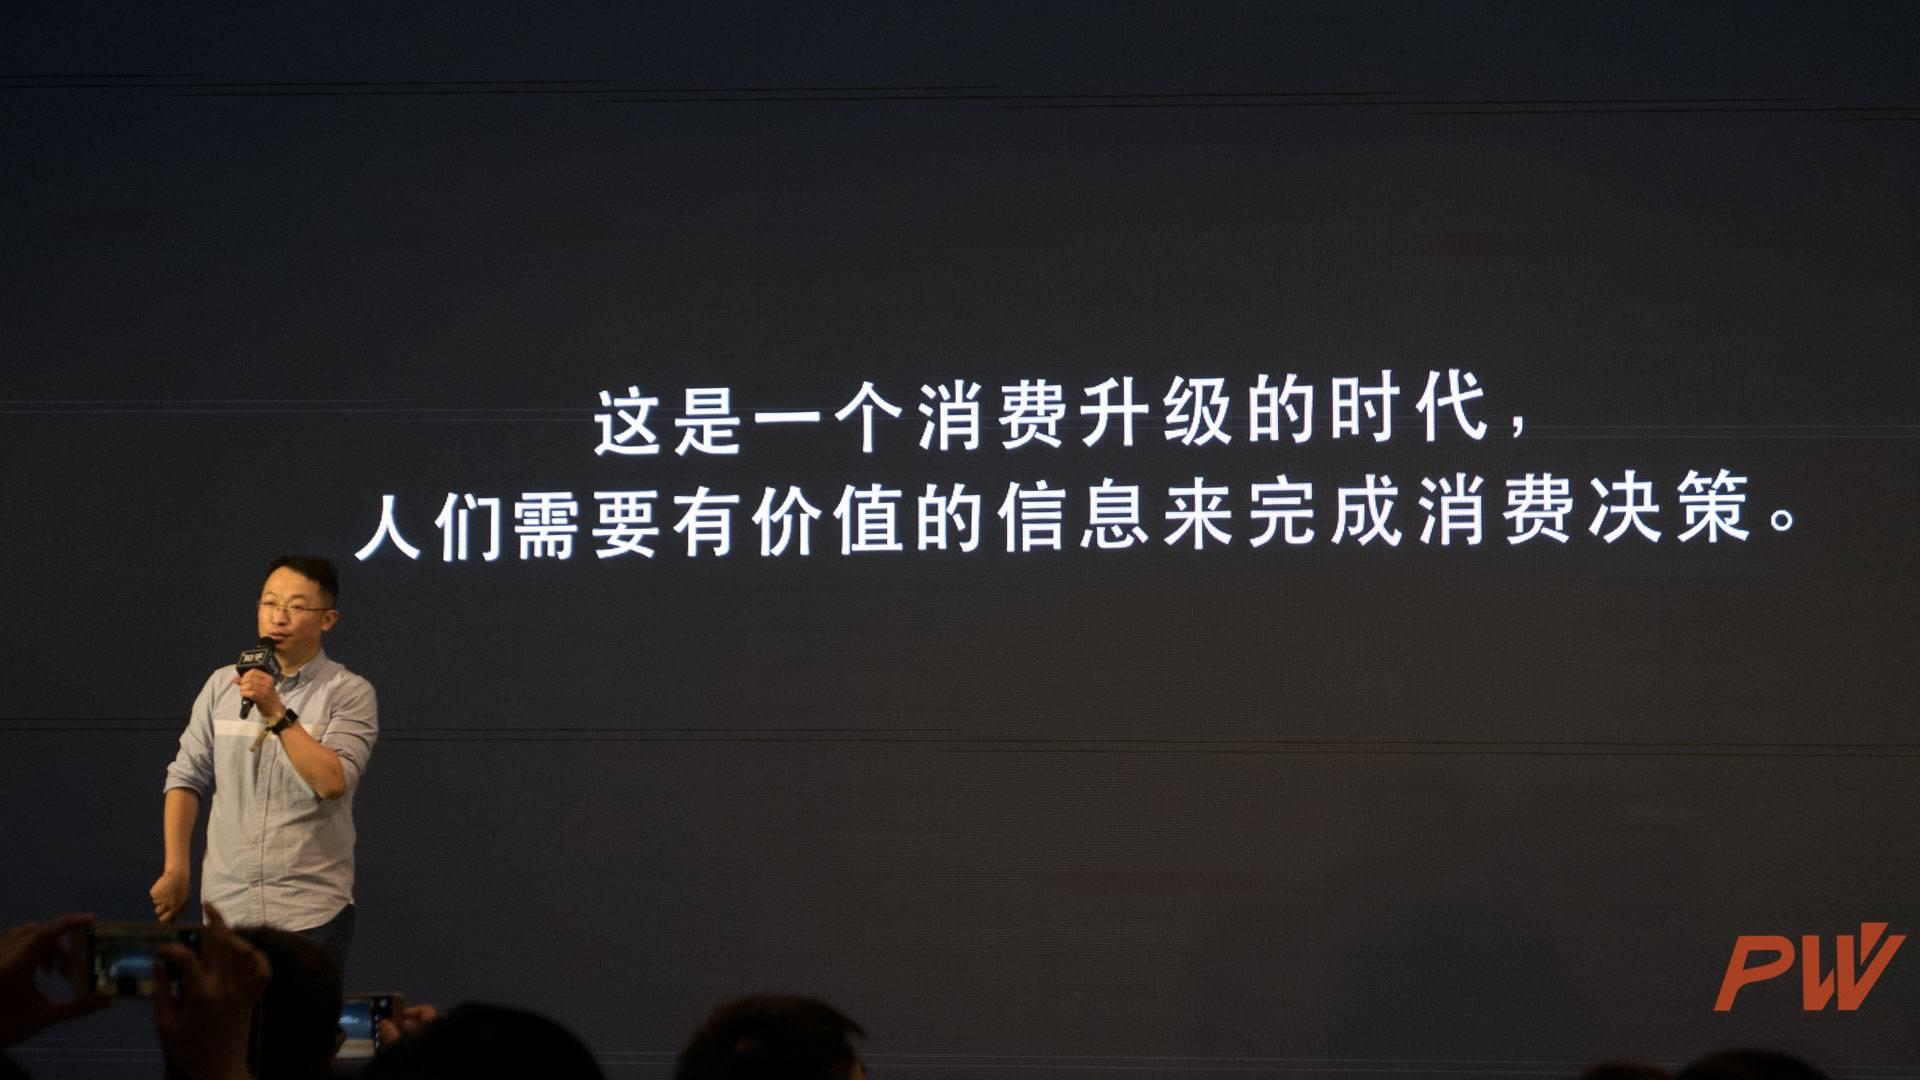 zhihu Live Zhou Yuan PingWest Photo By Hao Ying-3